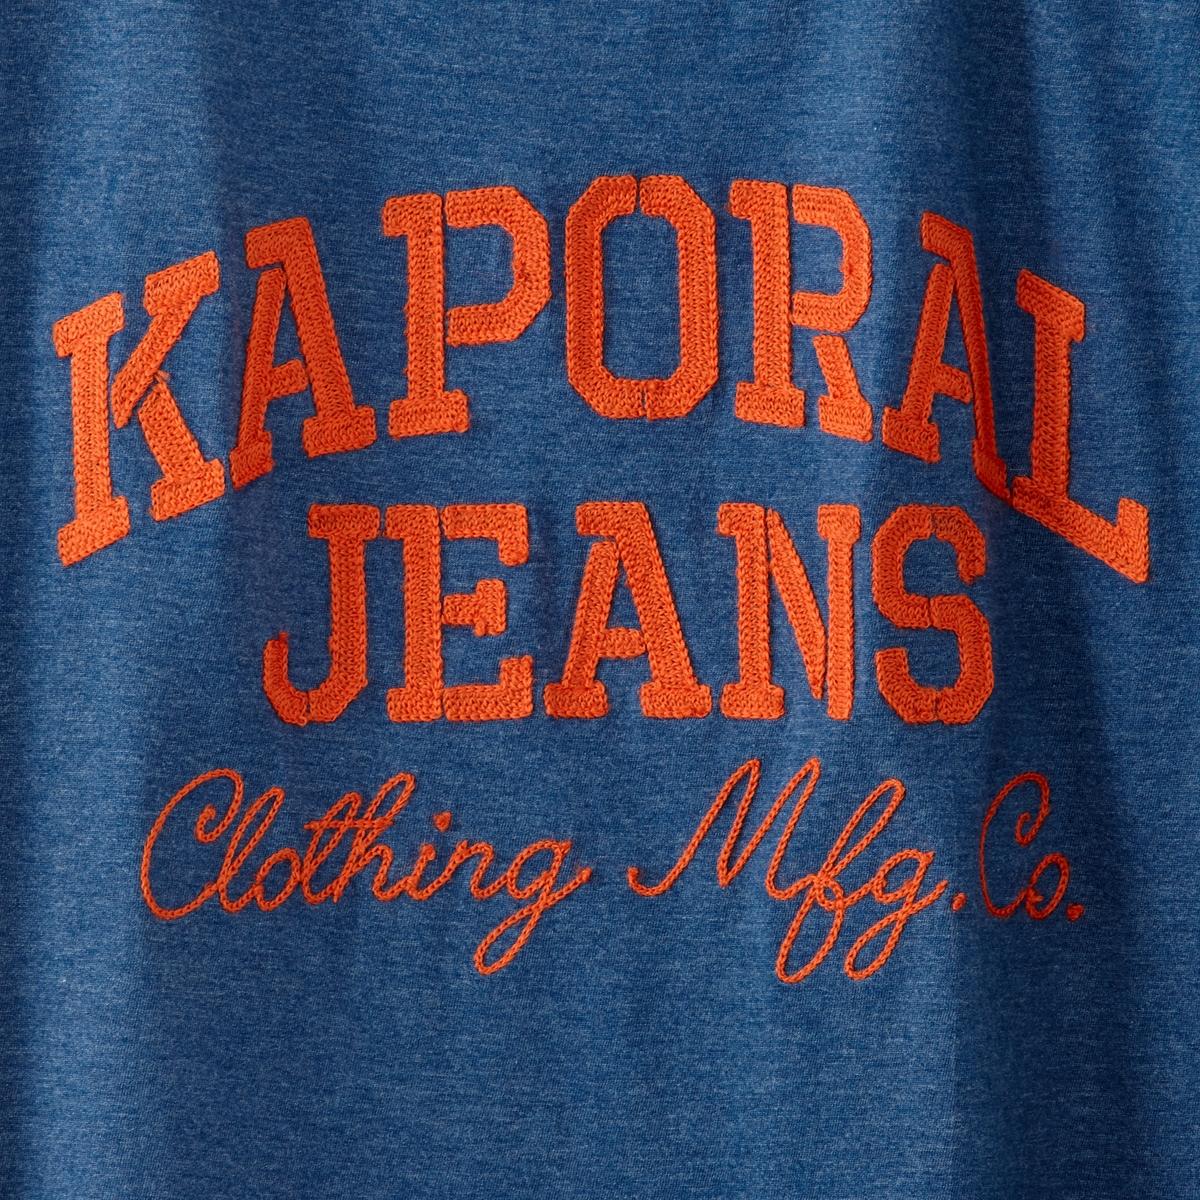 Футболка TrishФутболка модель TRISH от марки Kaporal® с принтом спередиKaporal Jeans.      Короткие рукава   Прямой покрой   Круглый вырез   Логотип марки снизу Состав и описание:Основной материал: 60% хлопка, 40% полиэстераМарка: Kaporal® Уход: Следуйте рекомендациям, указанным на этикетке.<br><br>Цвет: коралловый,синий<br>Размер: S.M.XXL.XL.XL.L.S